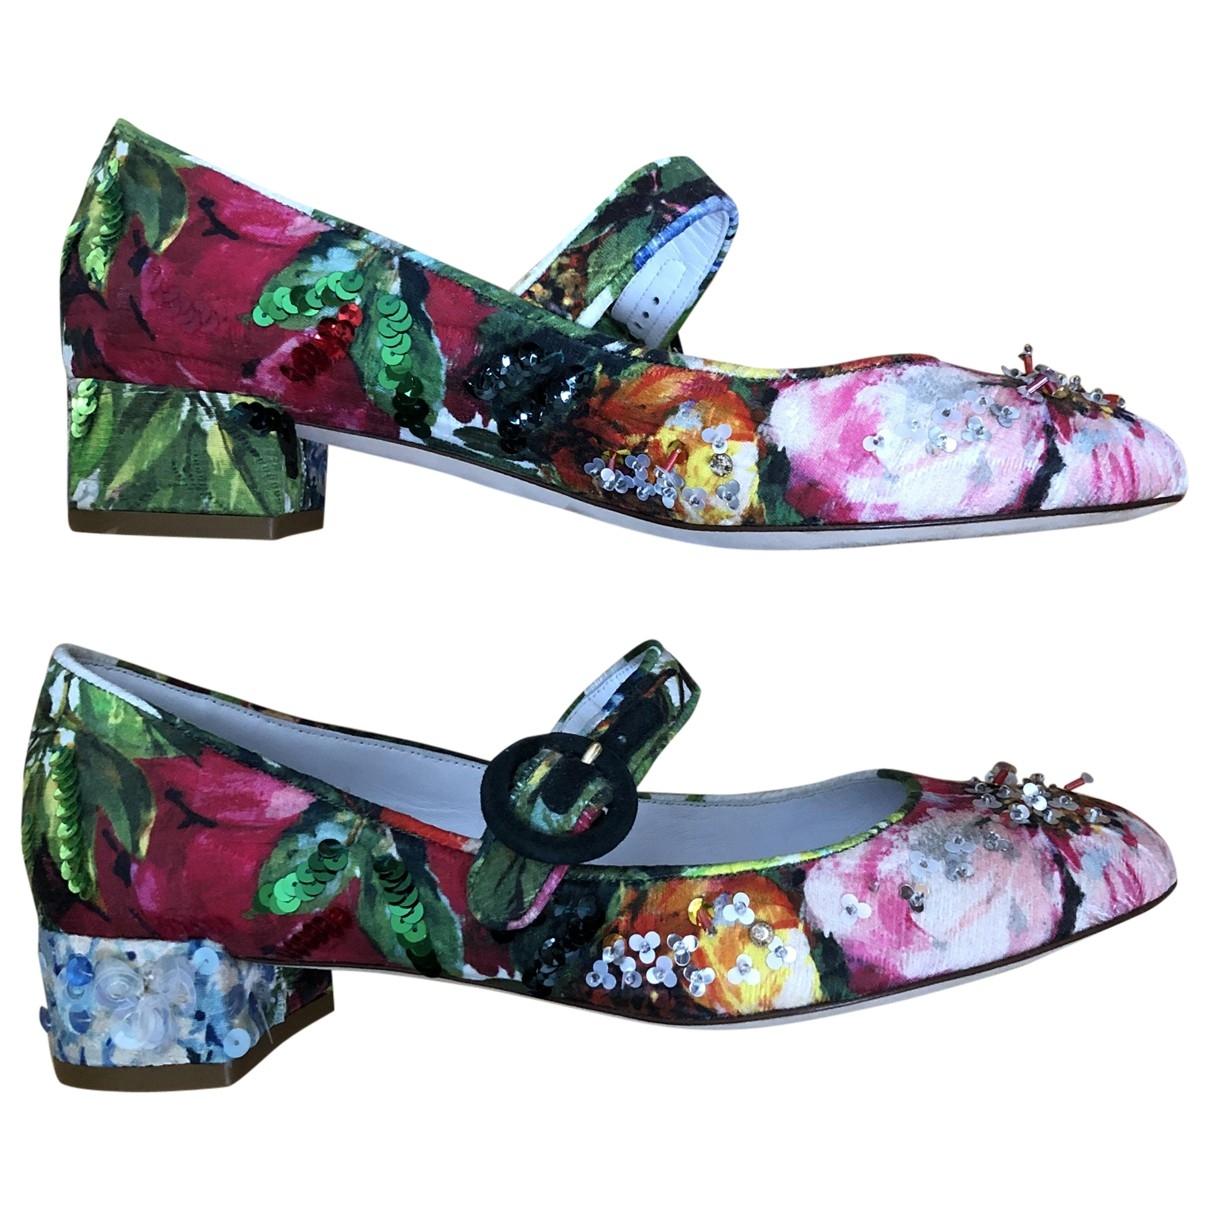 Dolce & Gabbana - Ballerines   pour femme en a paillettes - multicolore